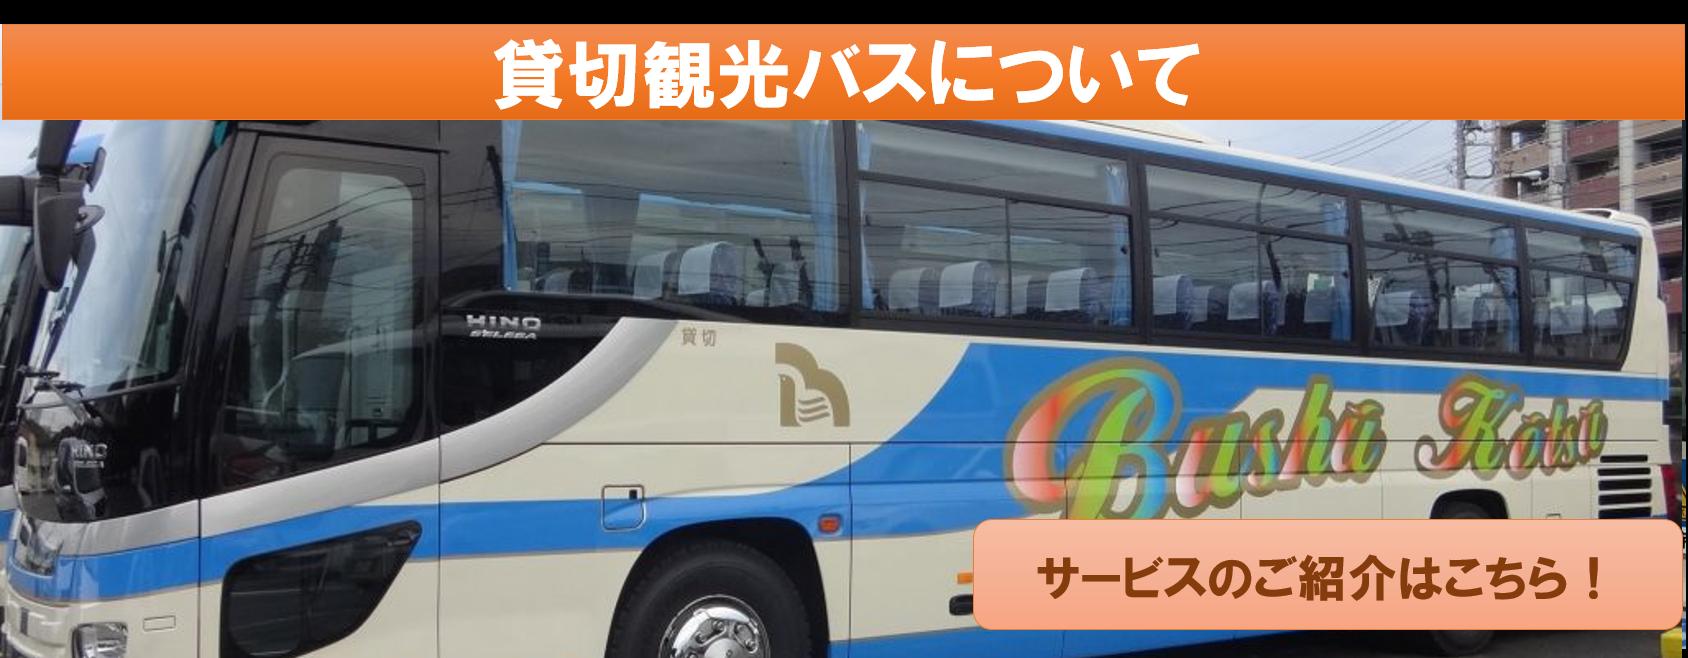 観光貸切バスに関するお問い合わせはこちらから